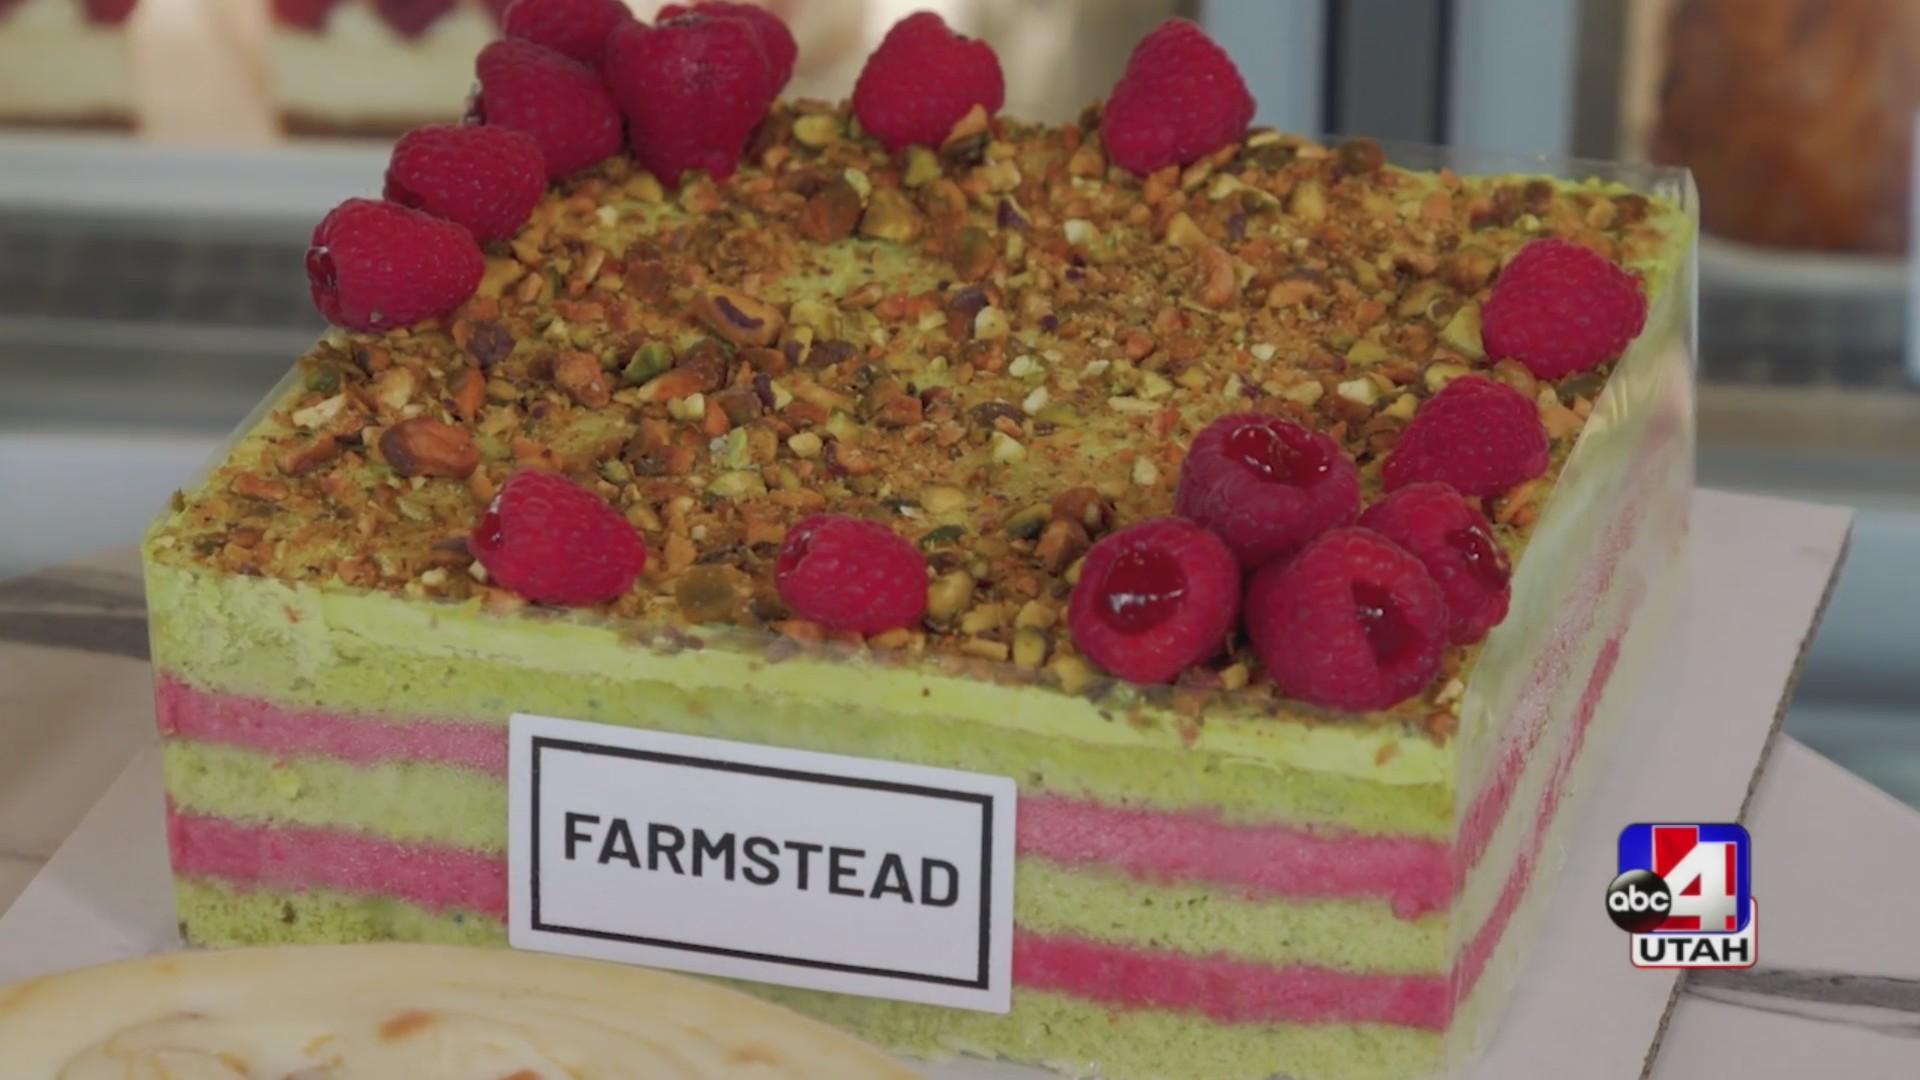 Farmstead Bakery